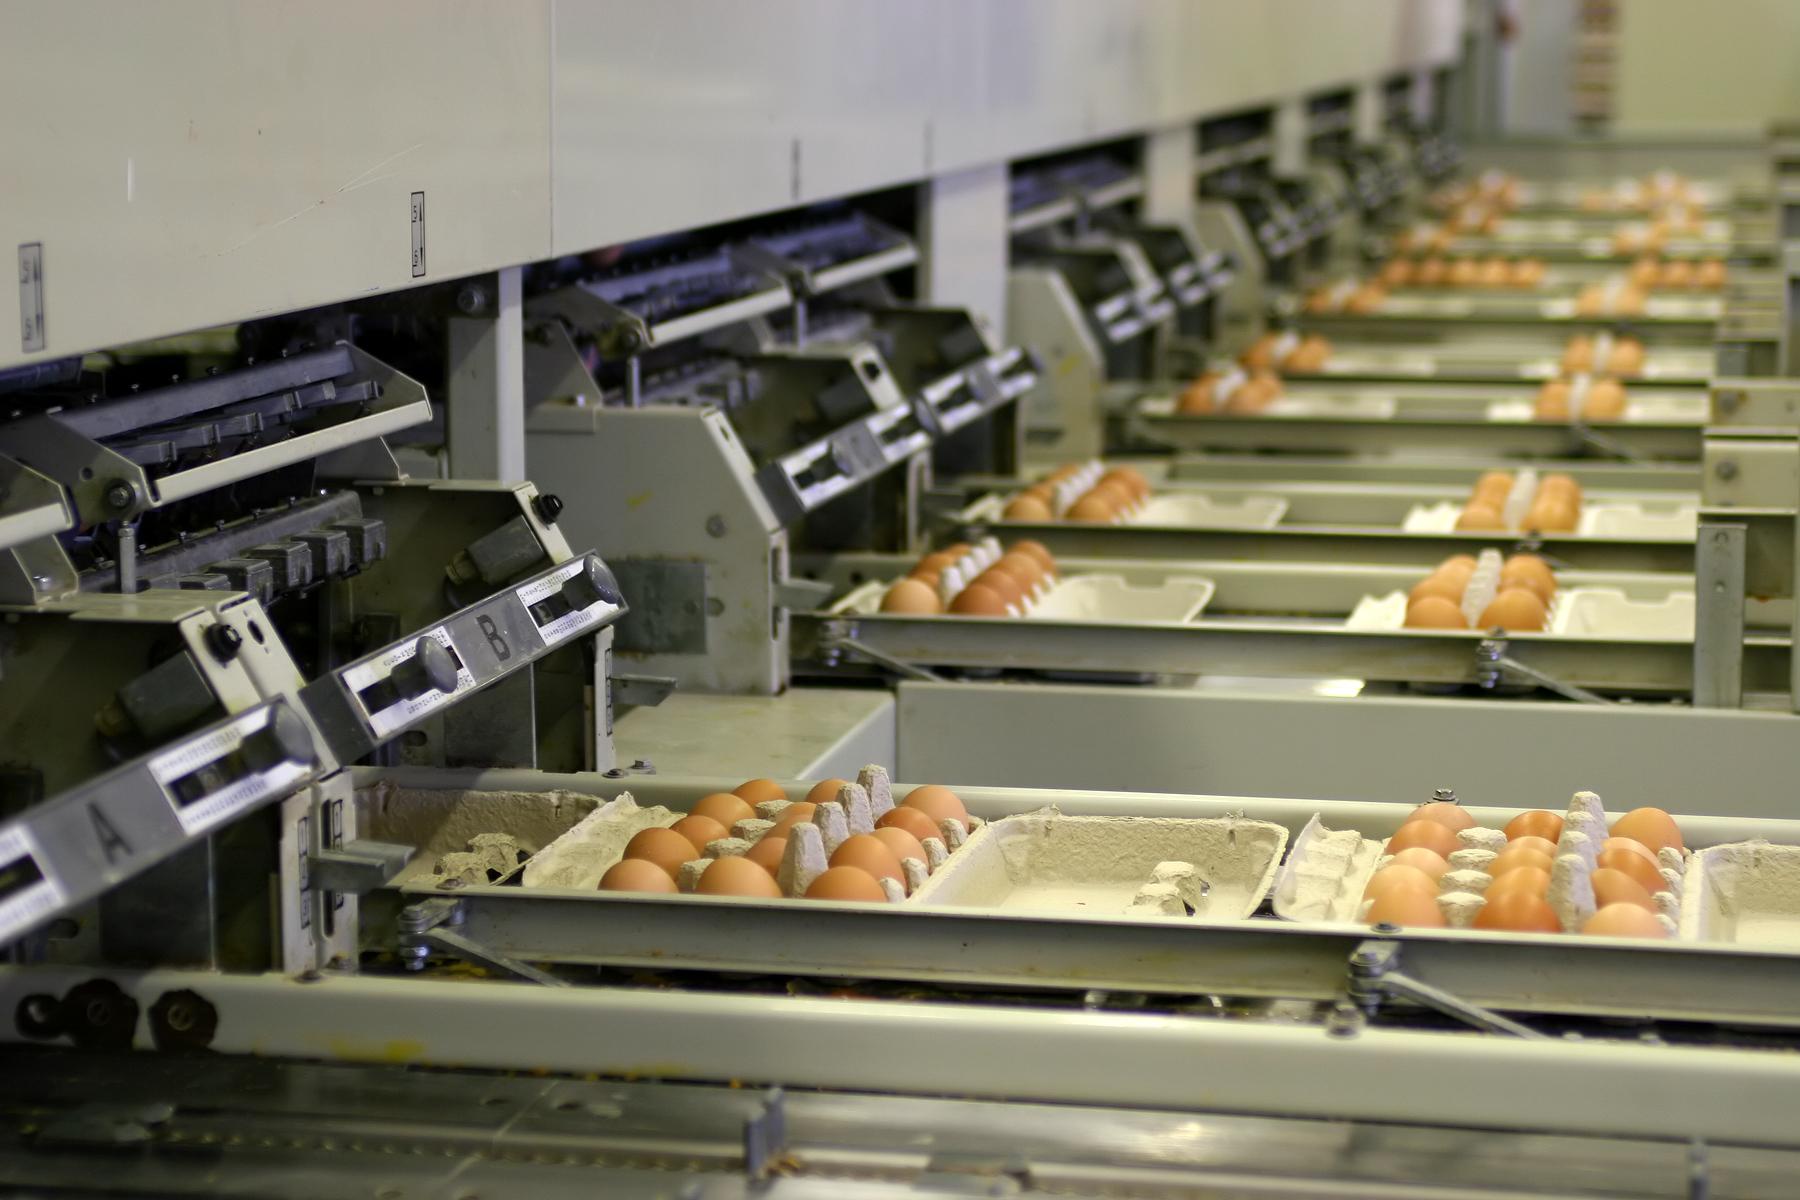 ۸۳ درصد نمونه های واحدهای تولیدی زنجان مطابق با استانداردهای ملی است